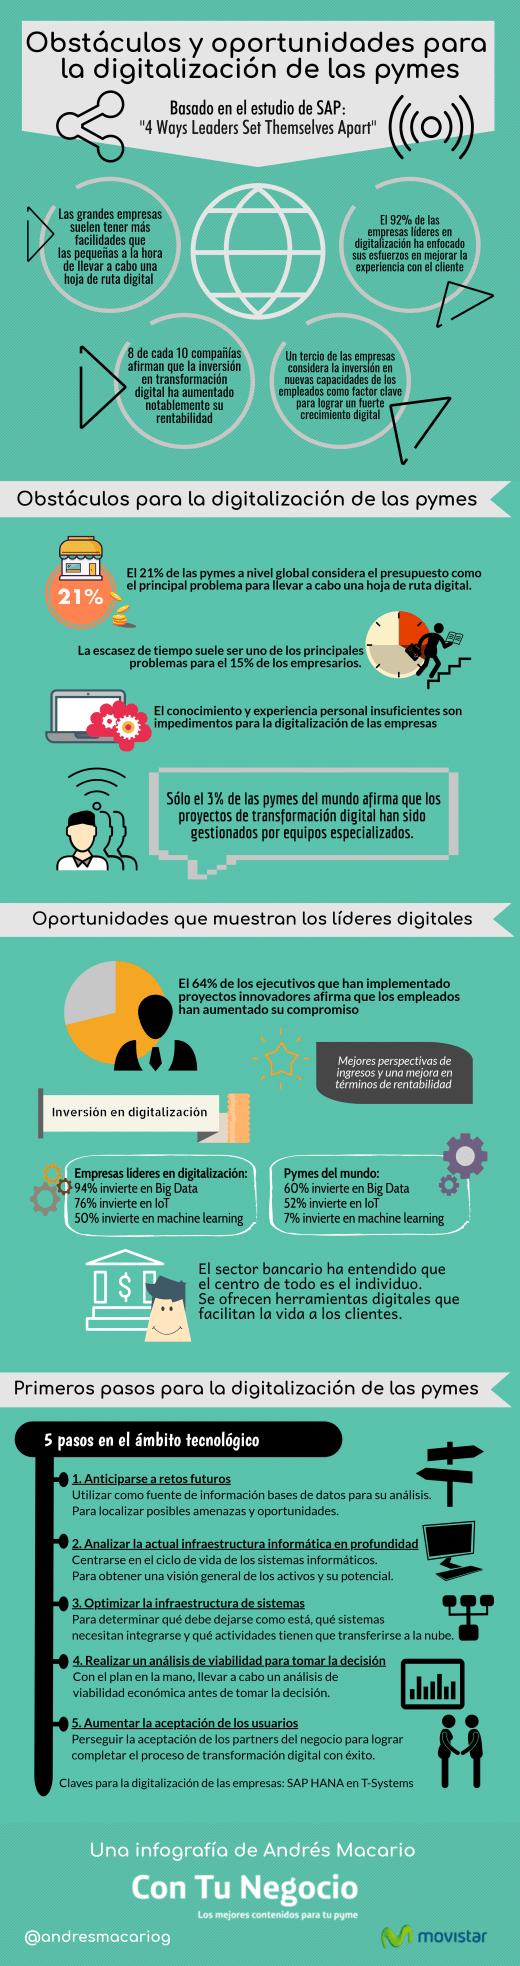 obstáculos y oportunidades digitalización